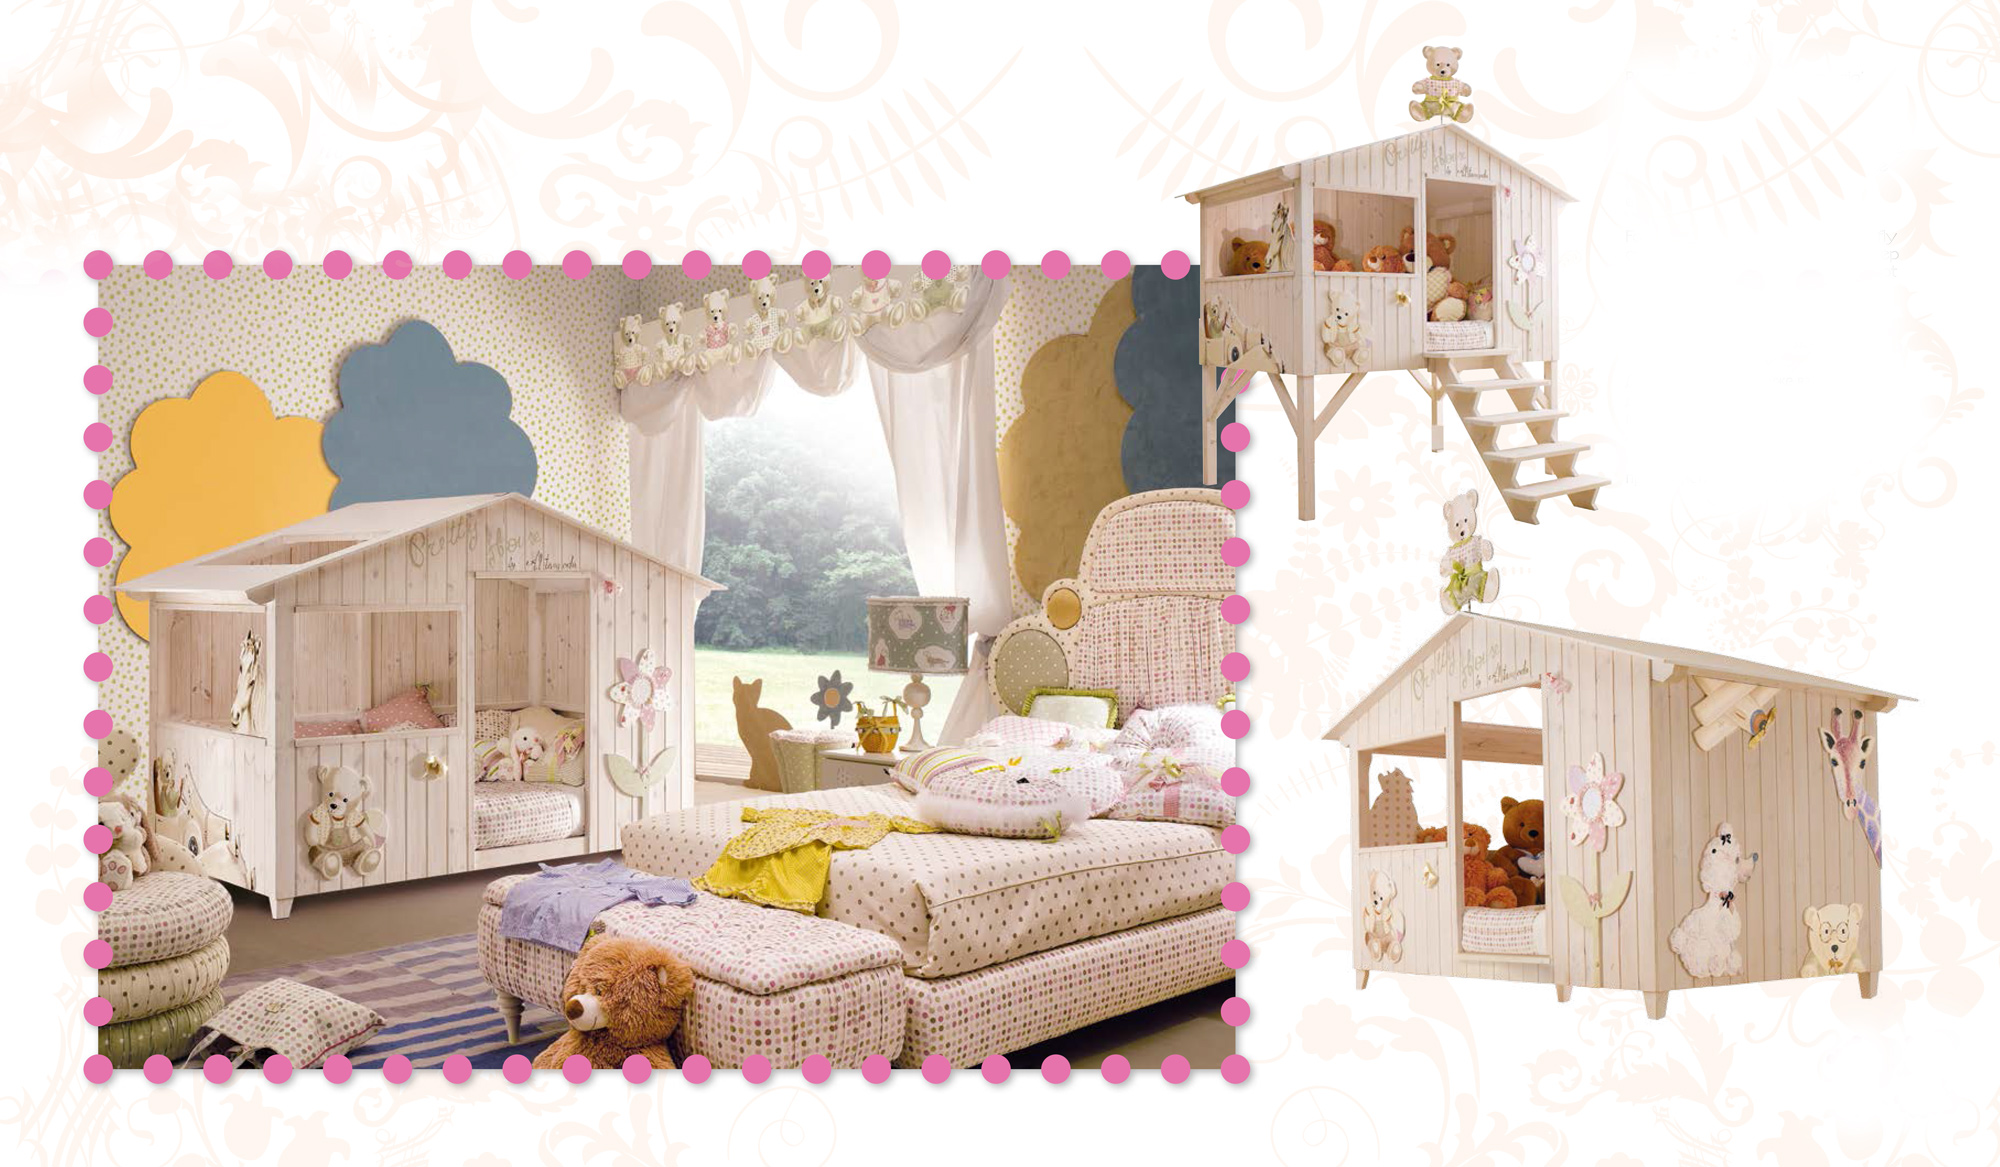 Le Lit Cabane Enfant Le Rêve De Tous Les Petits Aventuriers - Lit cabane fille